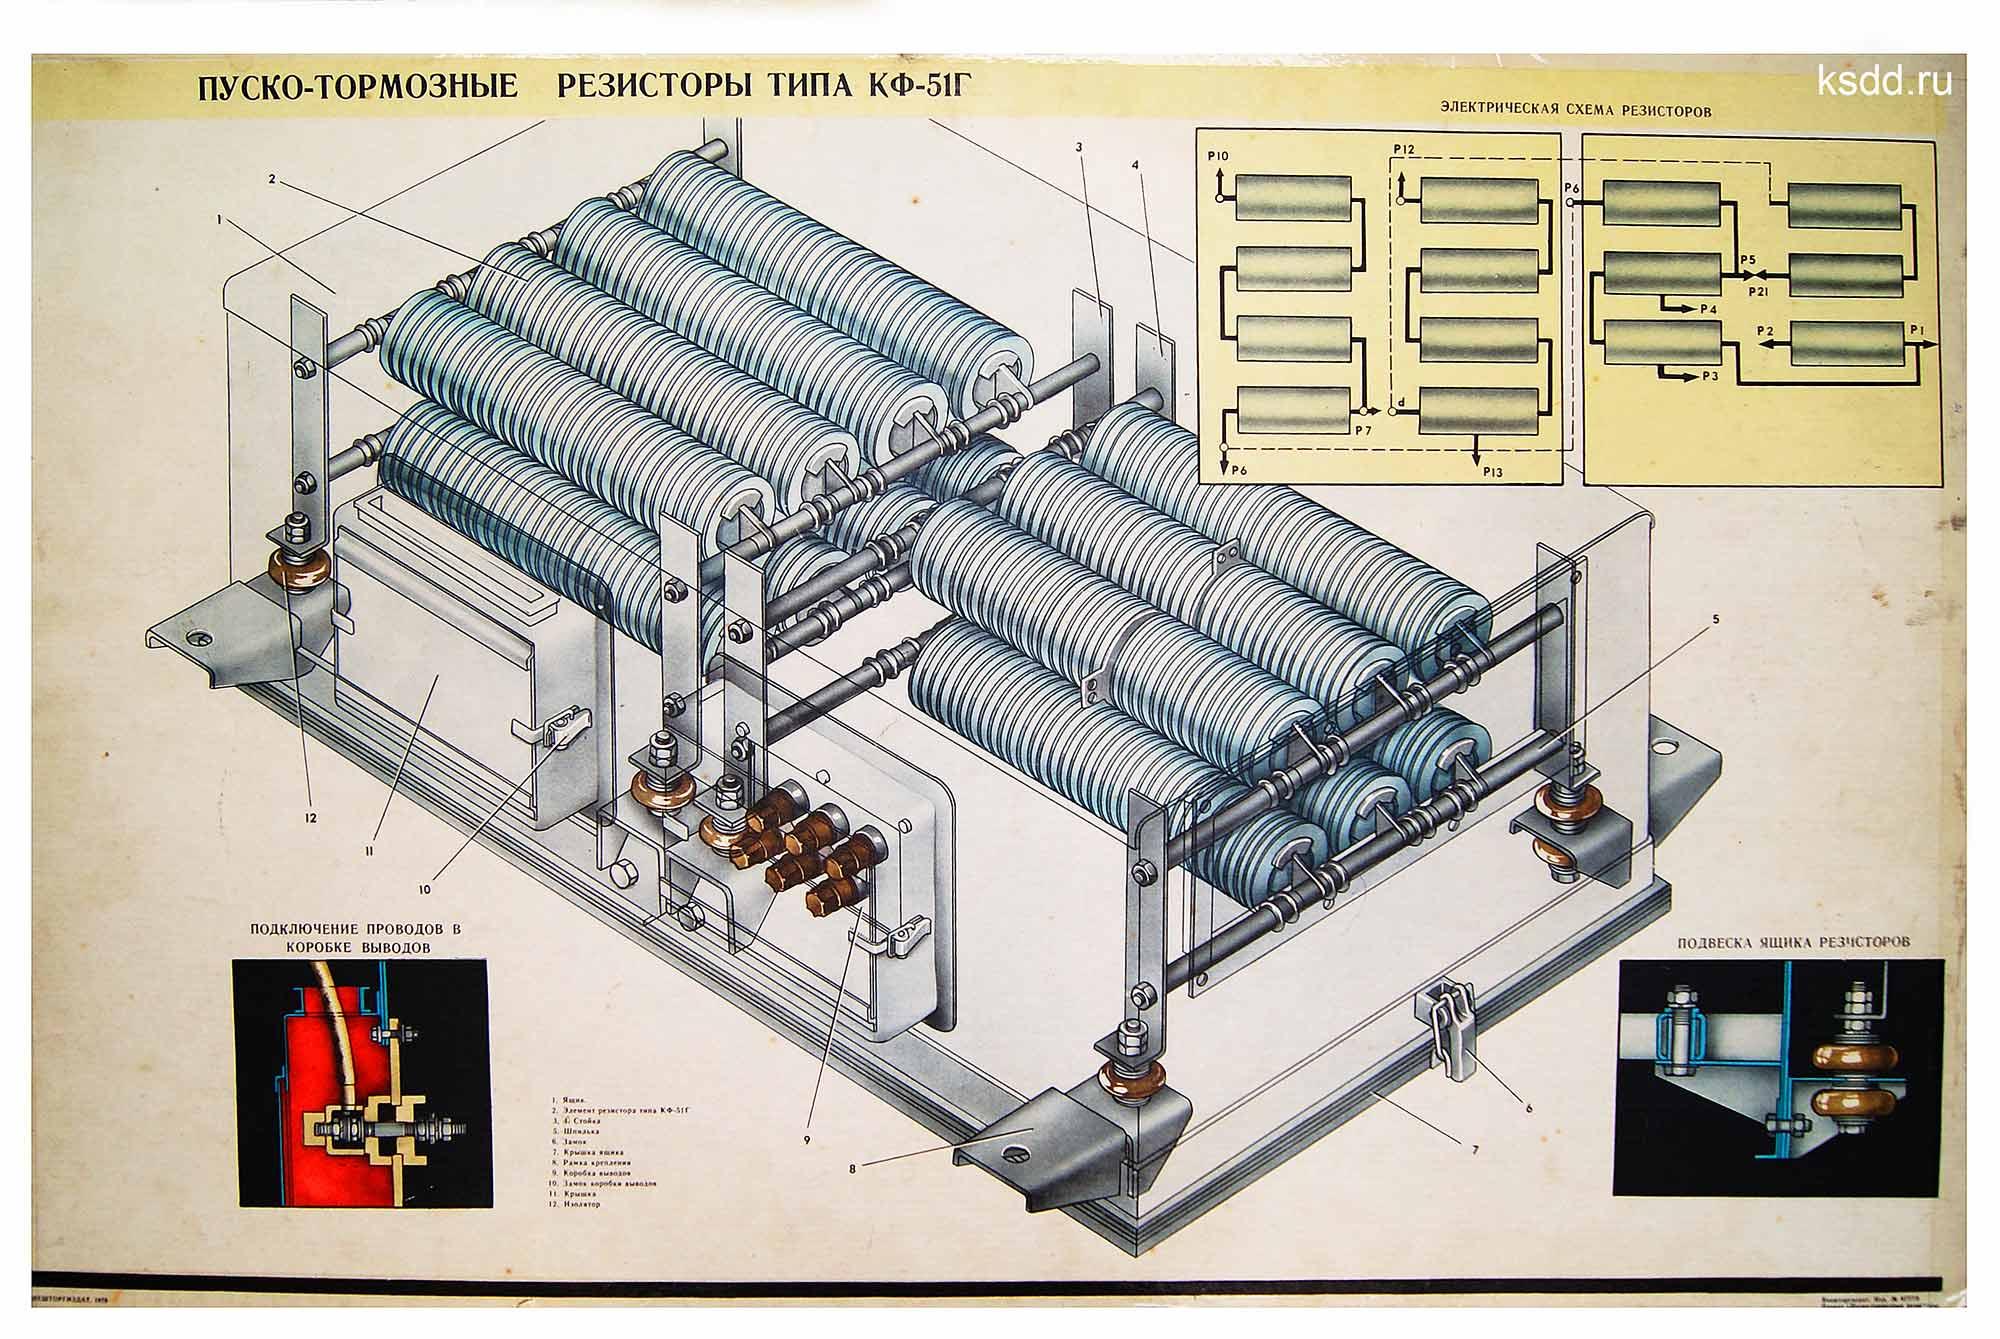 18.-Пуско-тормозные-резисторы-типа-КФ-51Г